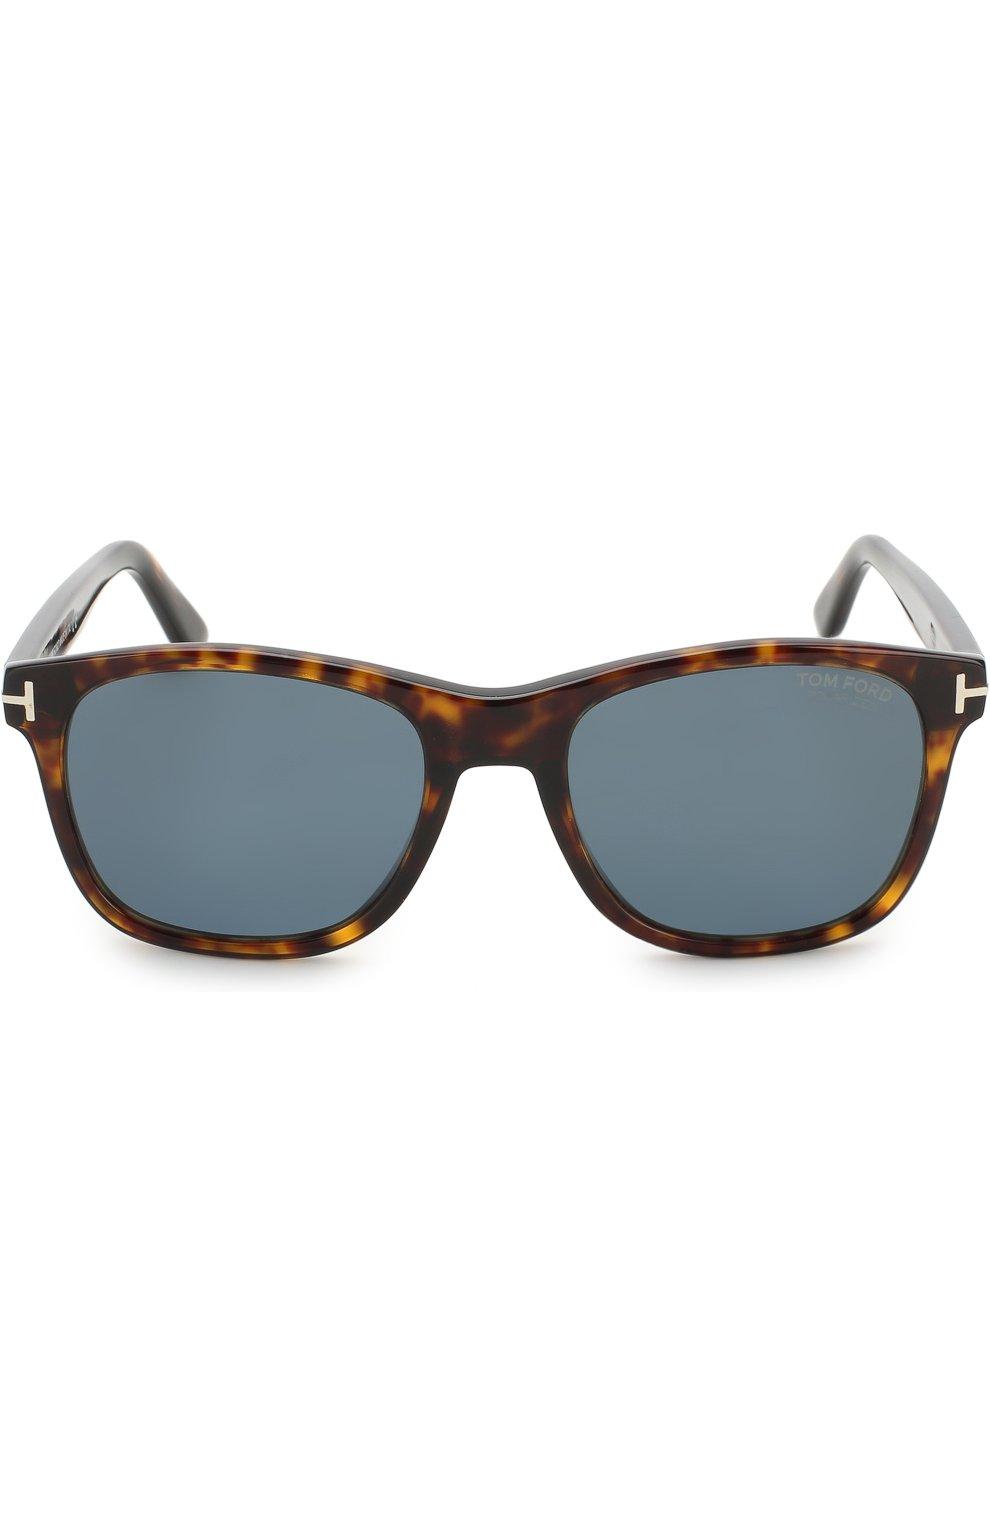 Мужские солнцезащитные очки TOM FORD коричневого цвета, арт. TF595 52D | Фото 2